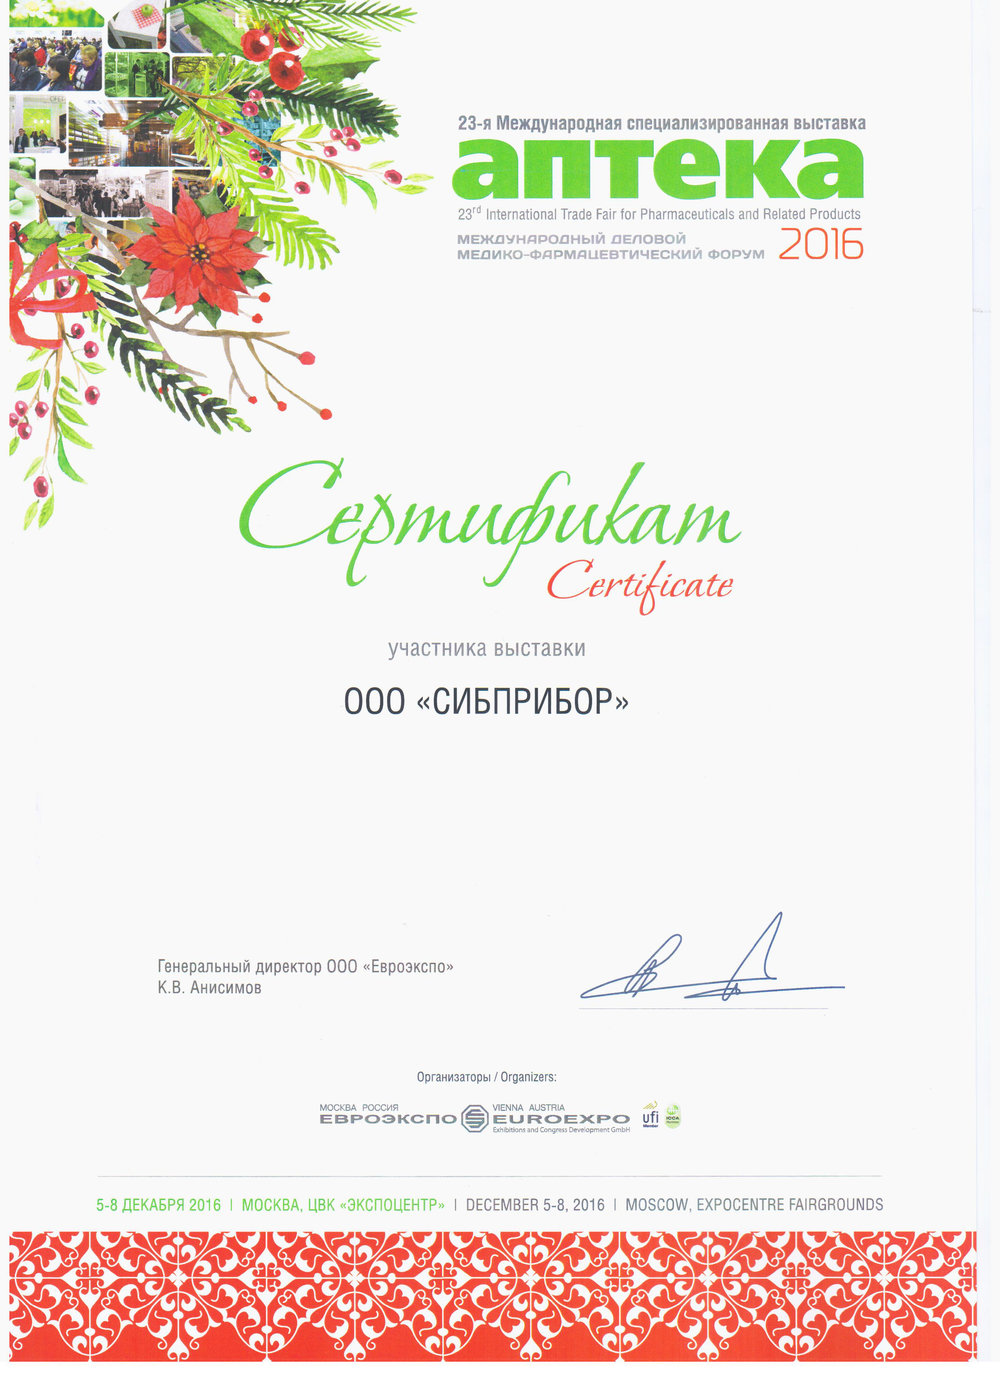 Сертификат 23я Международная выставка АПТЕКА.jpg